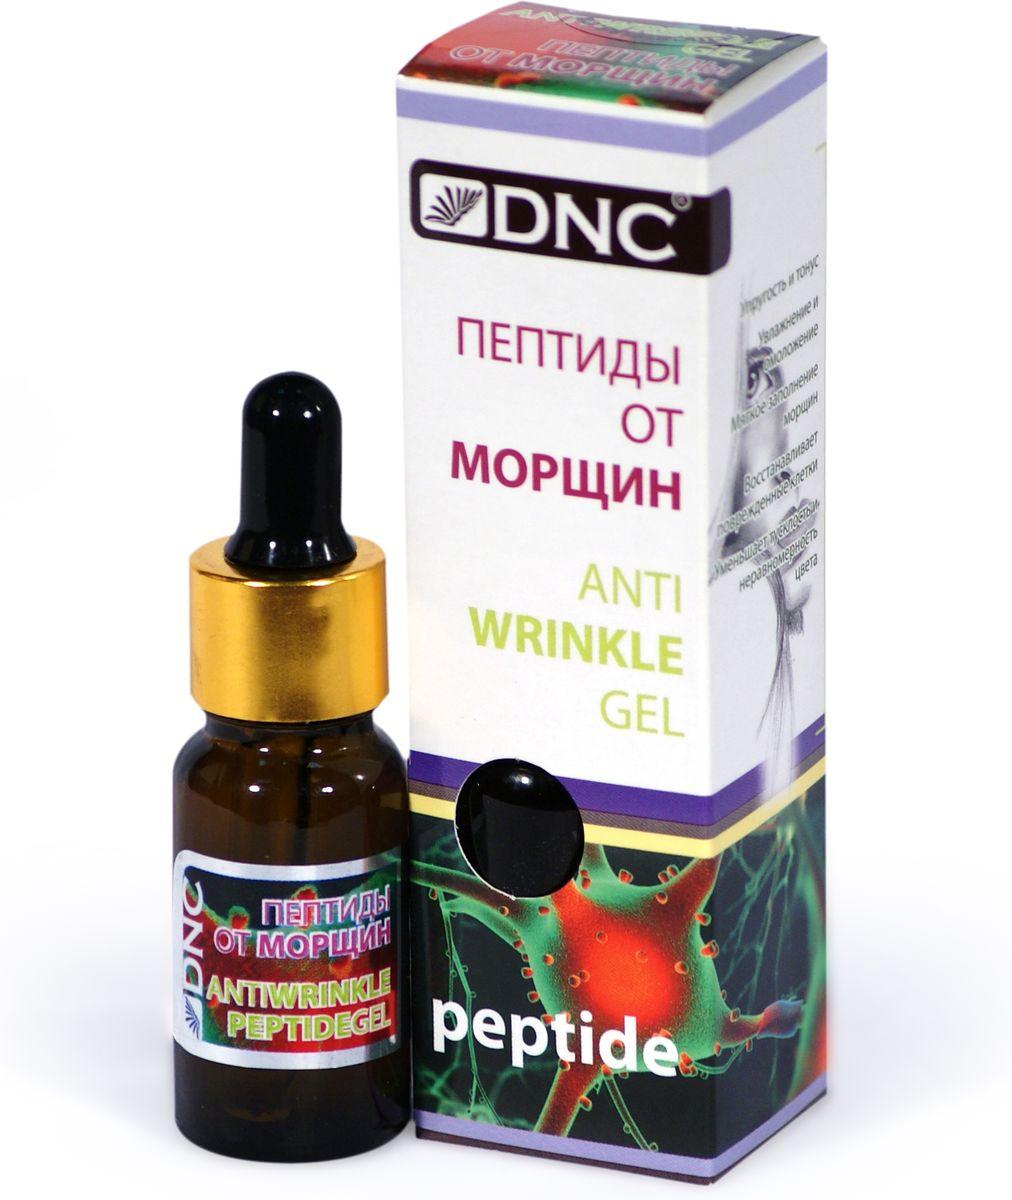 DNC Пептиды от морщин, 10 млFS-00897Молекулы Пептидов, благодаря своему строению, наилучшим образом включаются в биологическую цепочку синтеза коллагена, значительно усиливая его выработку. Возрастающая наполненность кожи компенсирует возрастные изменения структуры, возвращая коже более молодой вид и упругость. Препарат активирует производство собственного коллагена и защищает его от разрушения. Увлажняет и освежает лицо. Превосходное разглаживание кожи и уменьшение размера морщин.